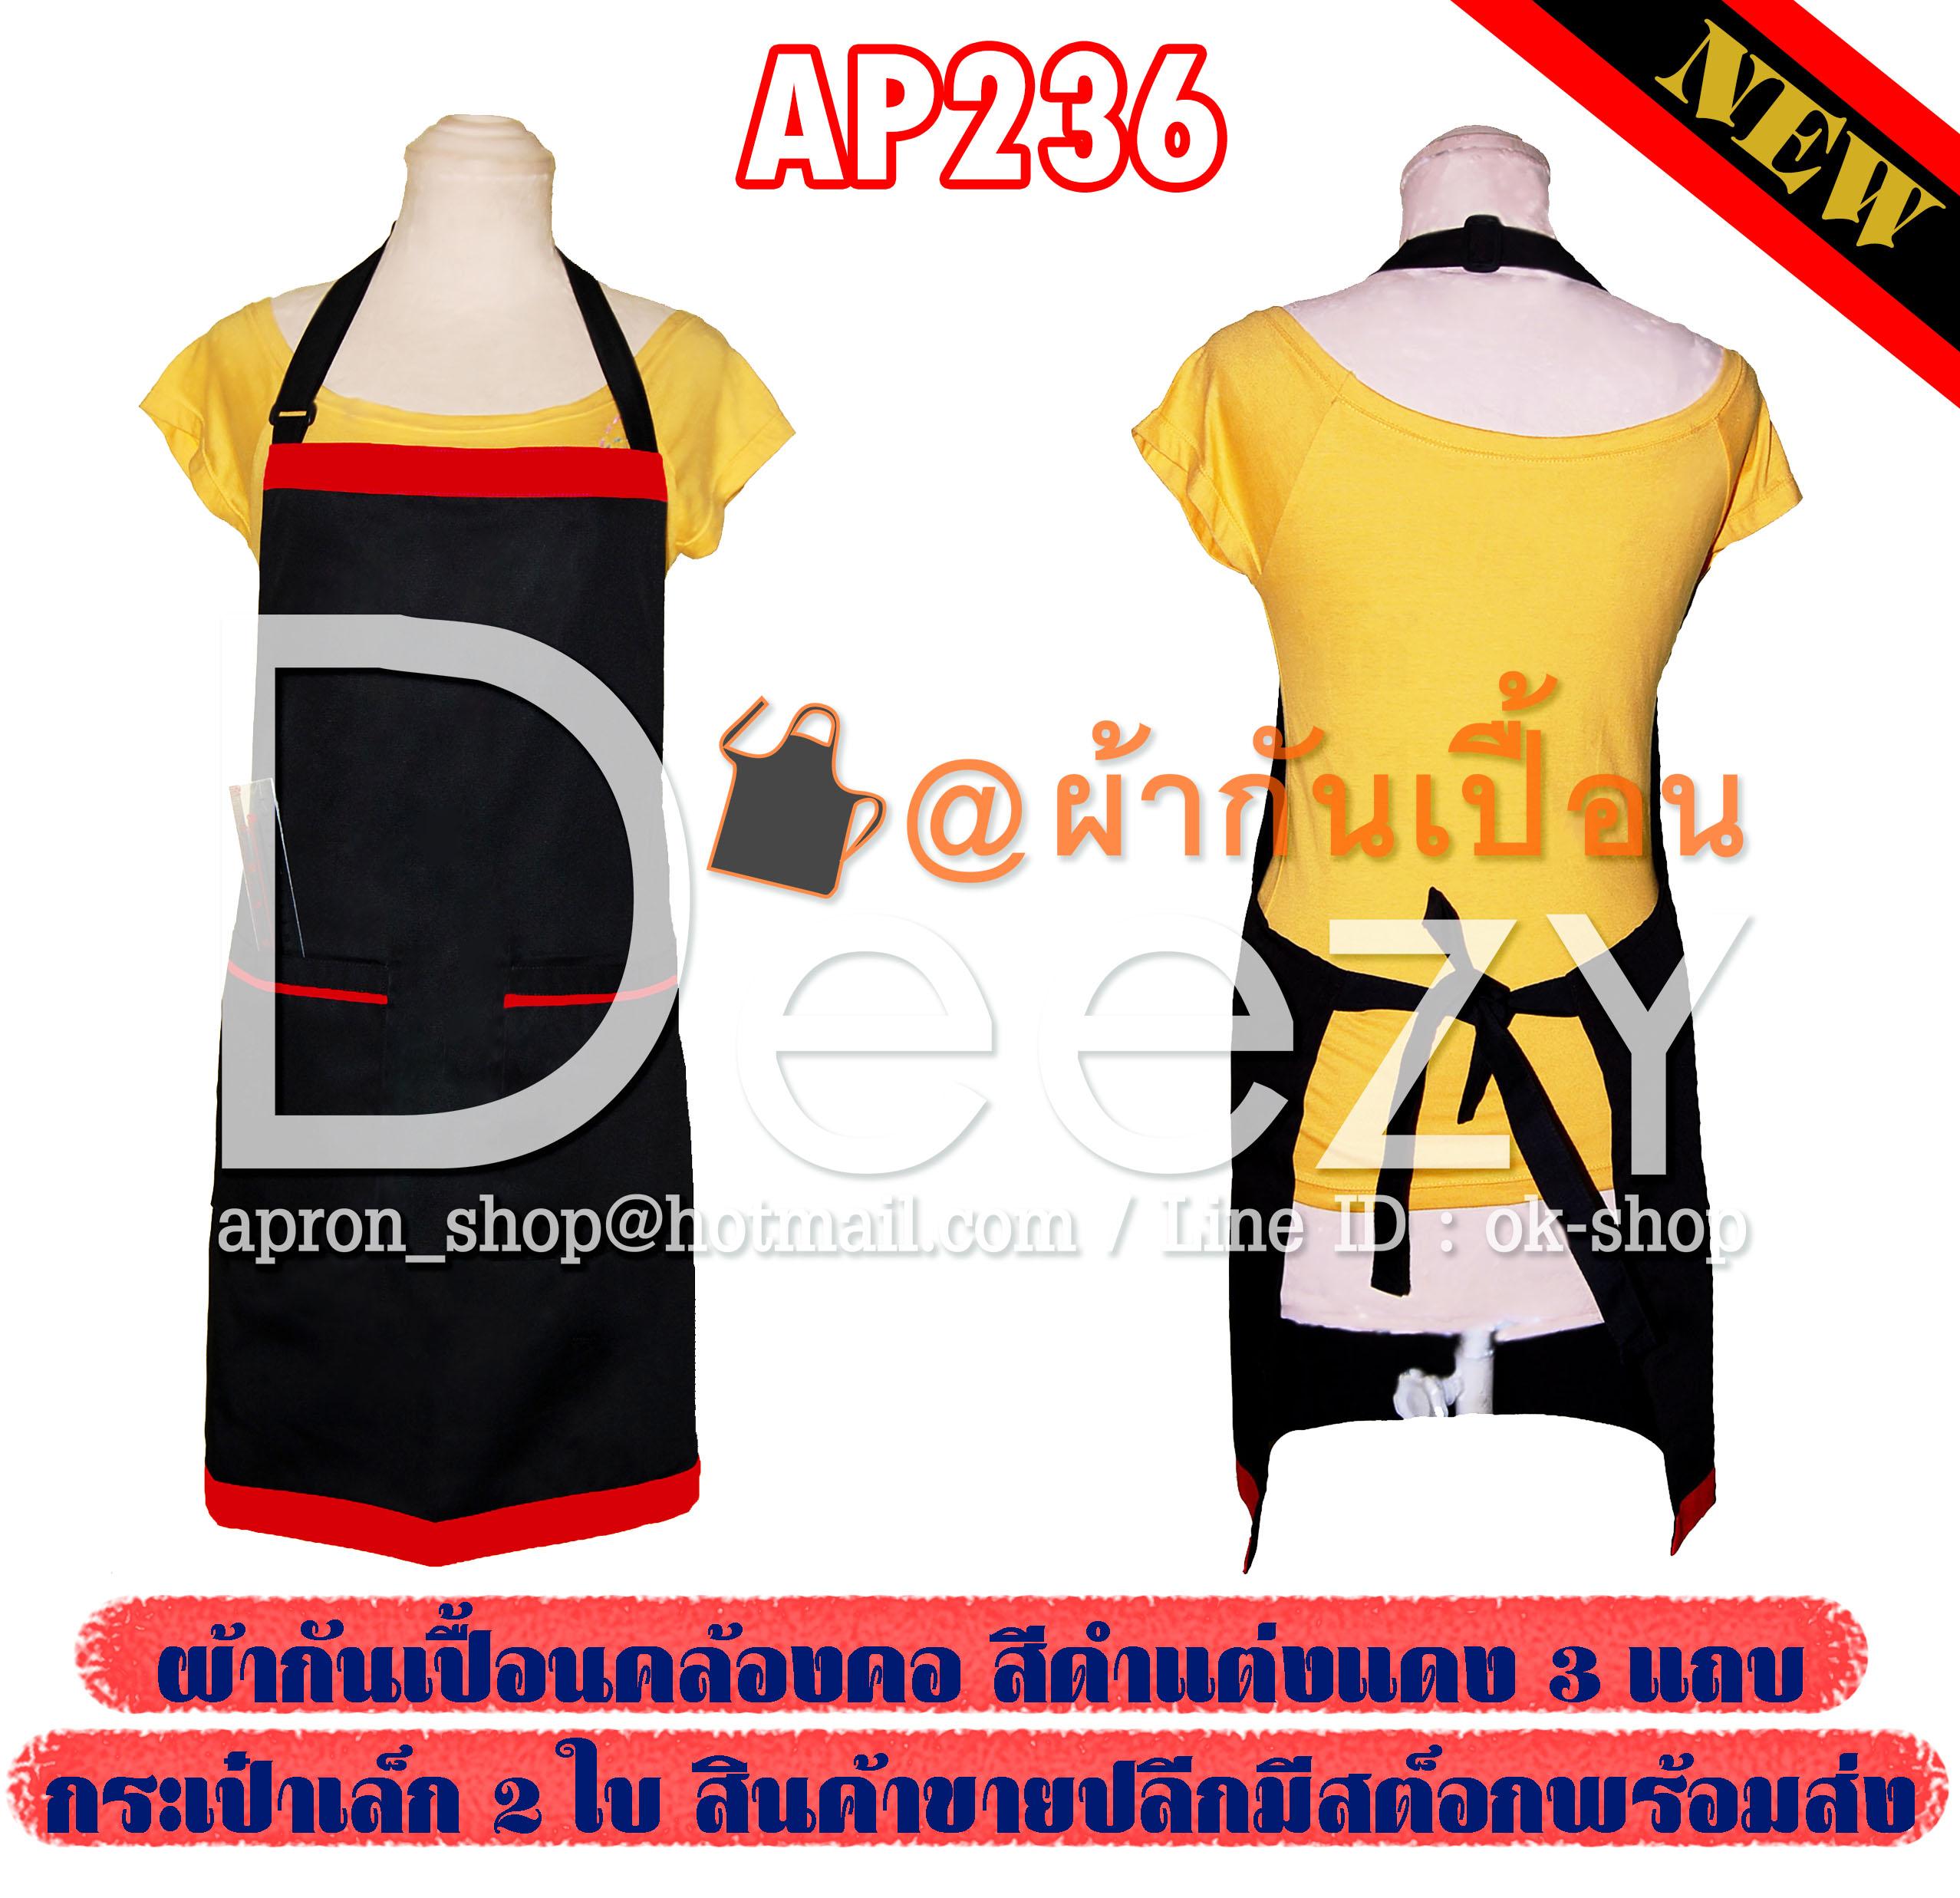 ผ้ากันเปื้อนเต็มตัว แบบคล้องคอ สีดำ แต่งแดง 2กระเป๋า